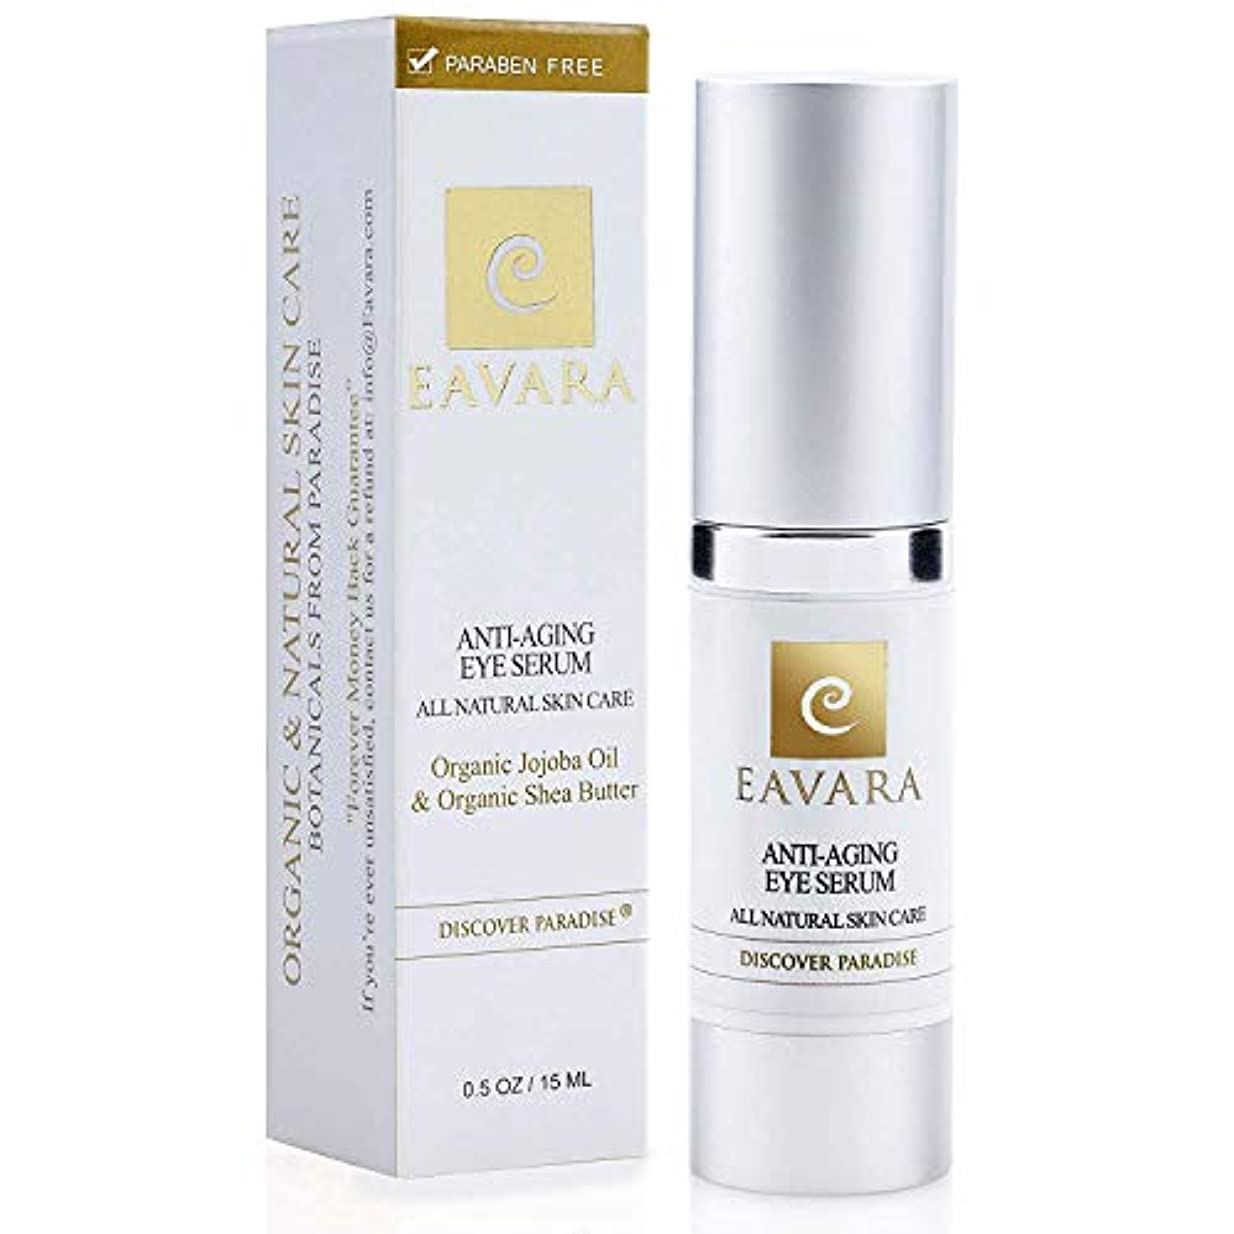 ドキュメンタリー継承悲惨な[Eavara] [アンチエイジングアイ血清 Organic Anti Aging Eye Serum - Award Winning Under Eye Cream for Dark Circles and Puffiness...